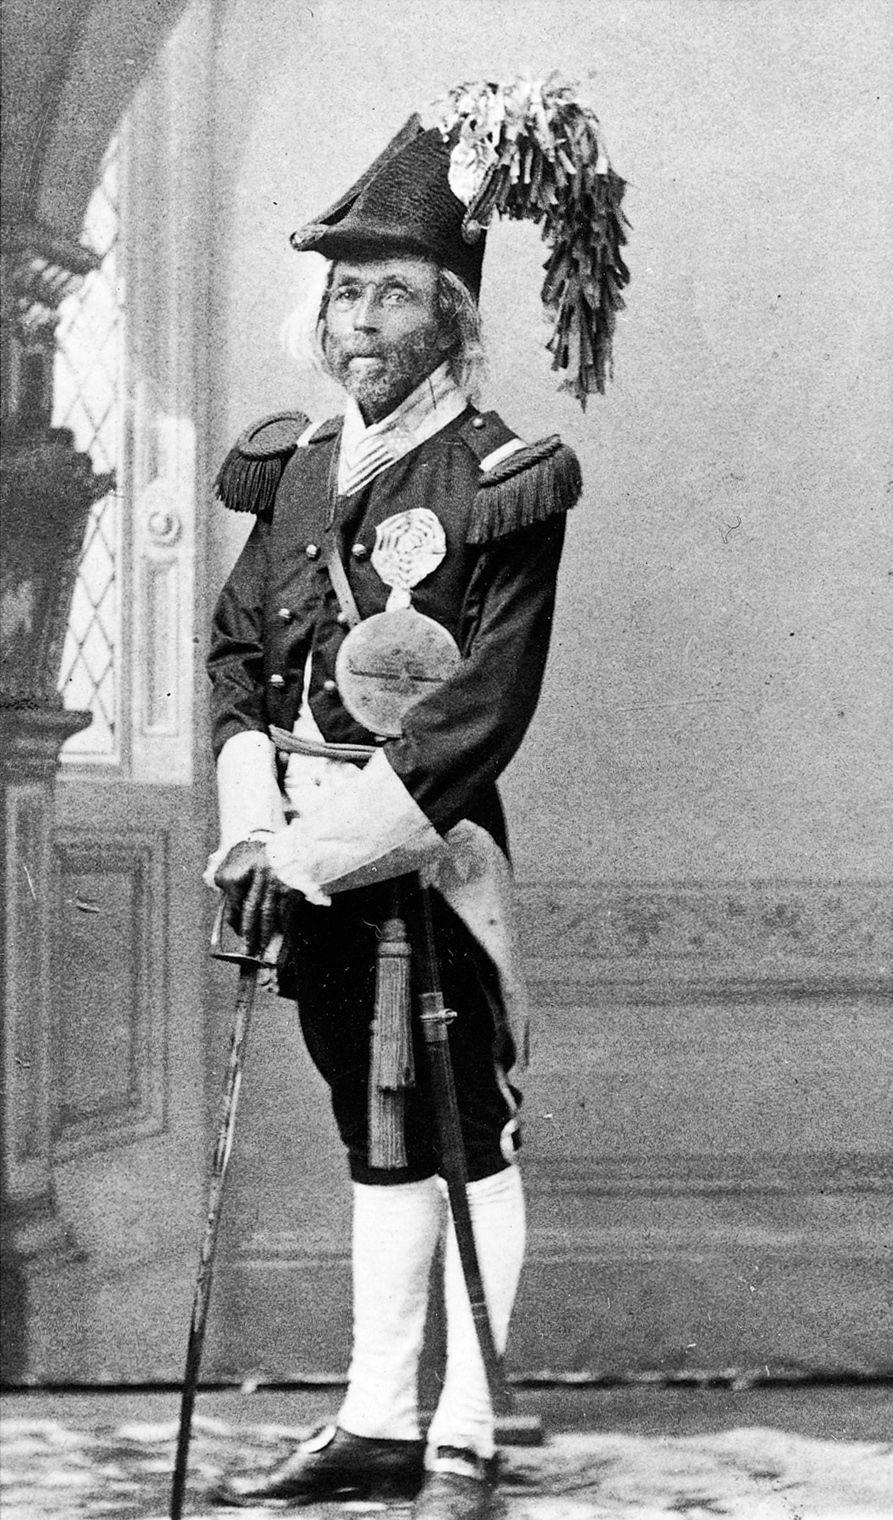 William H. Noland in 1876